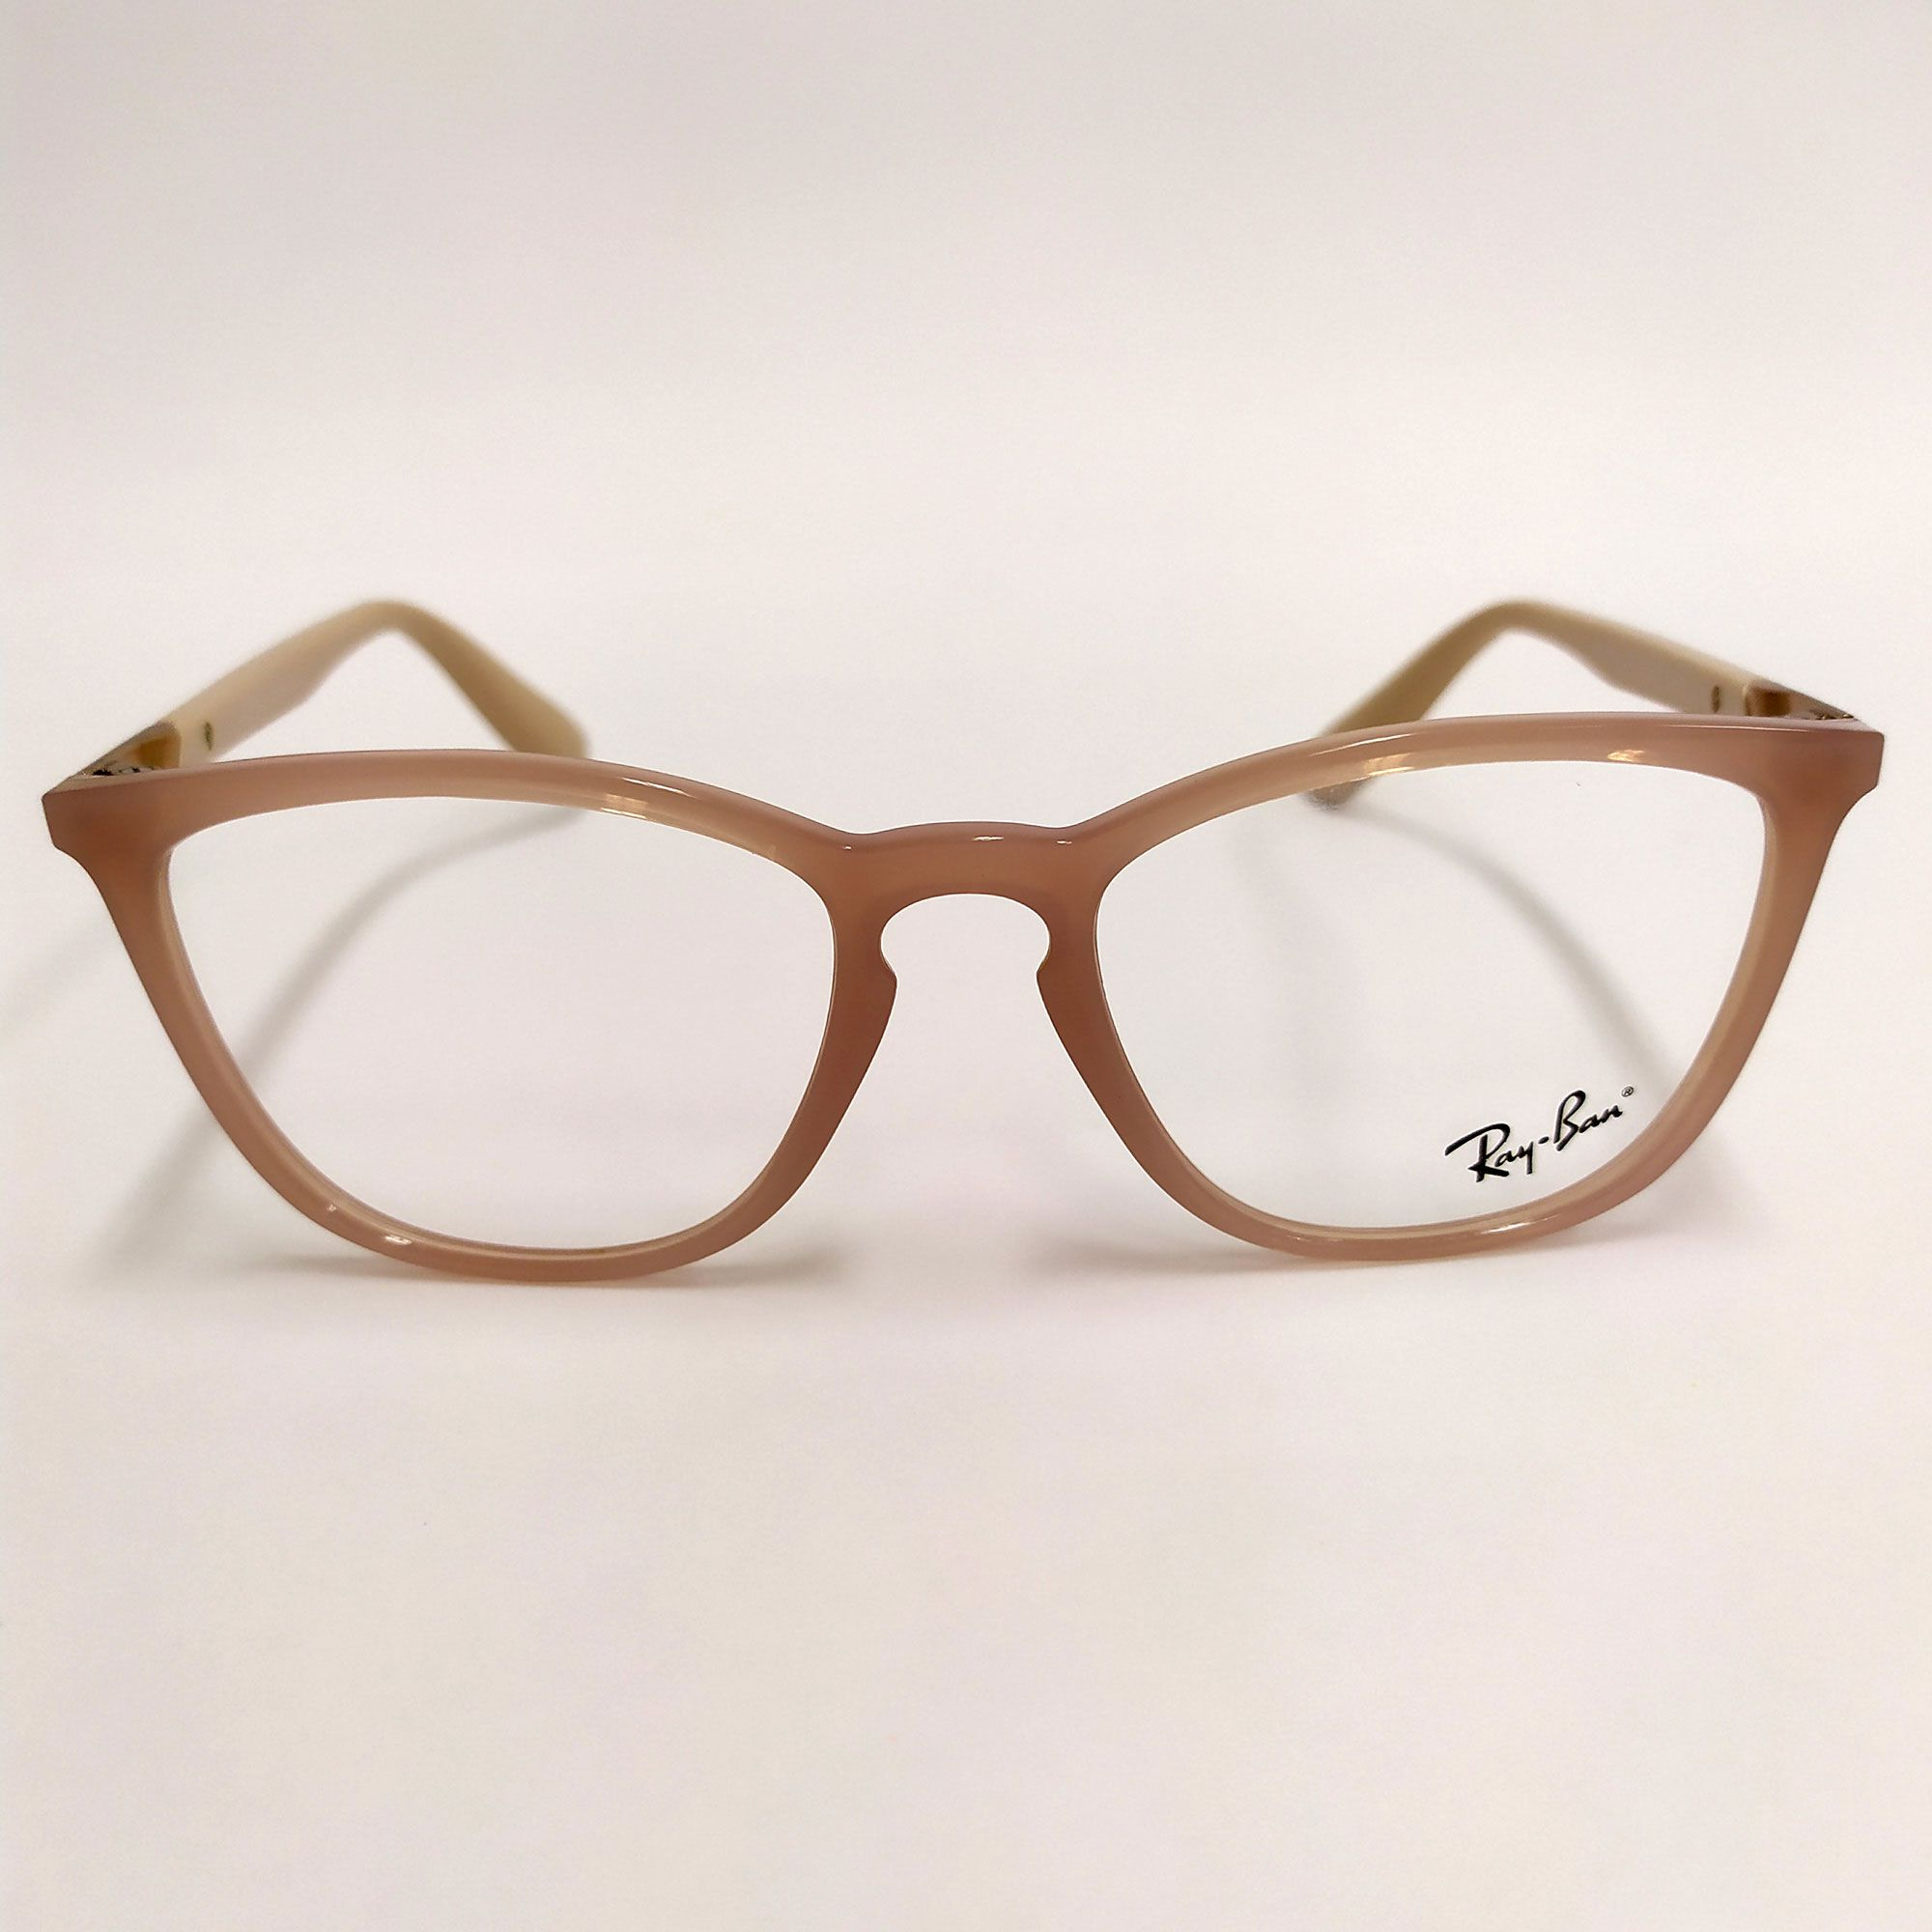 Óculos de Grau Ray-Ban Marrom-Claro/Nude com detalhe em Cobre nas Hastes   7136L